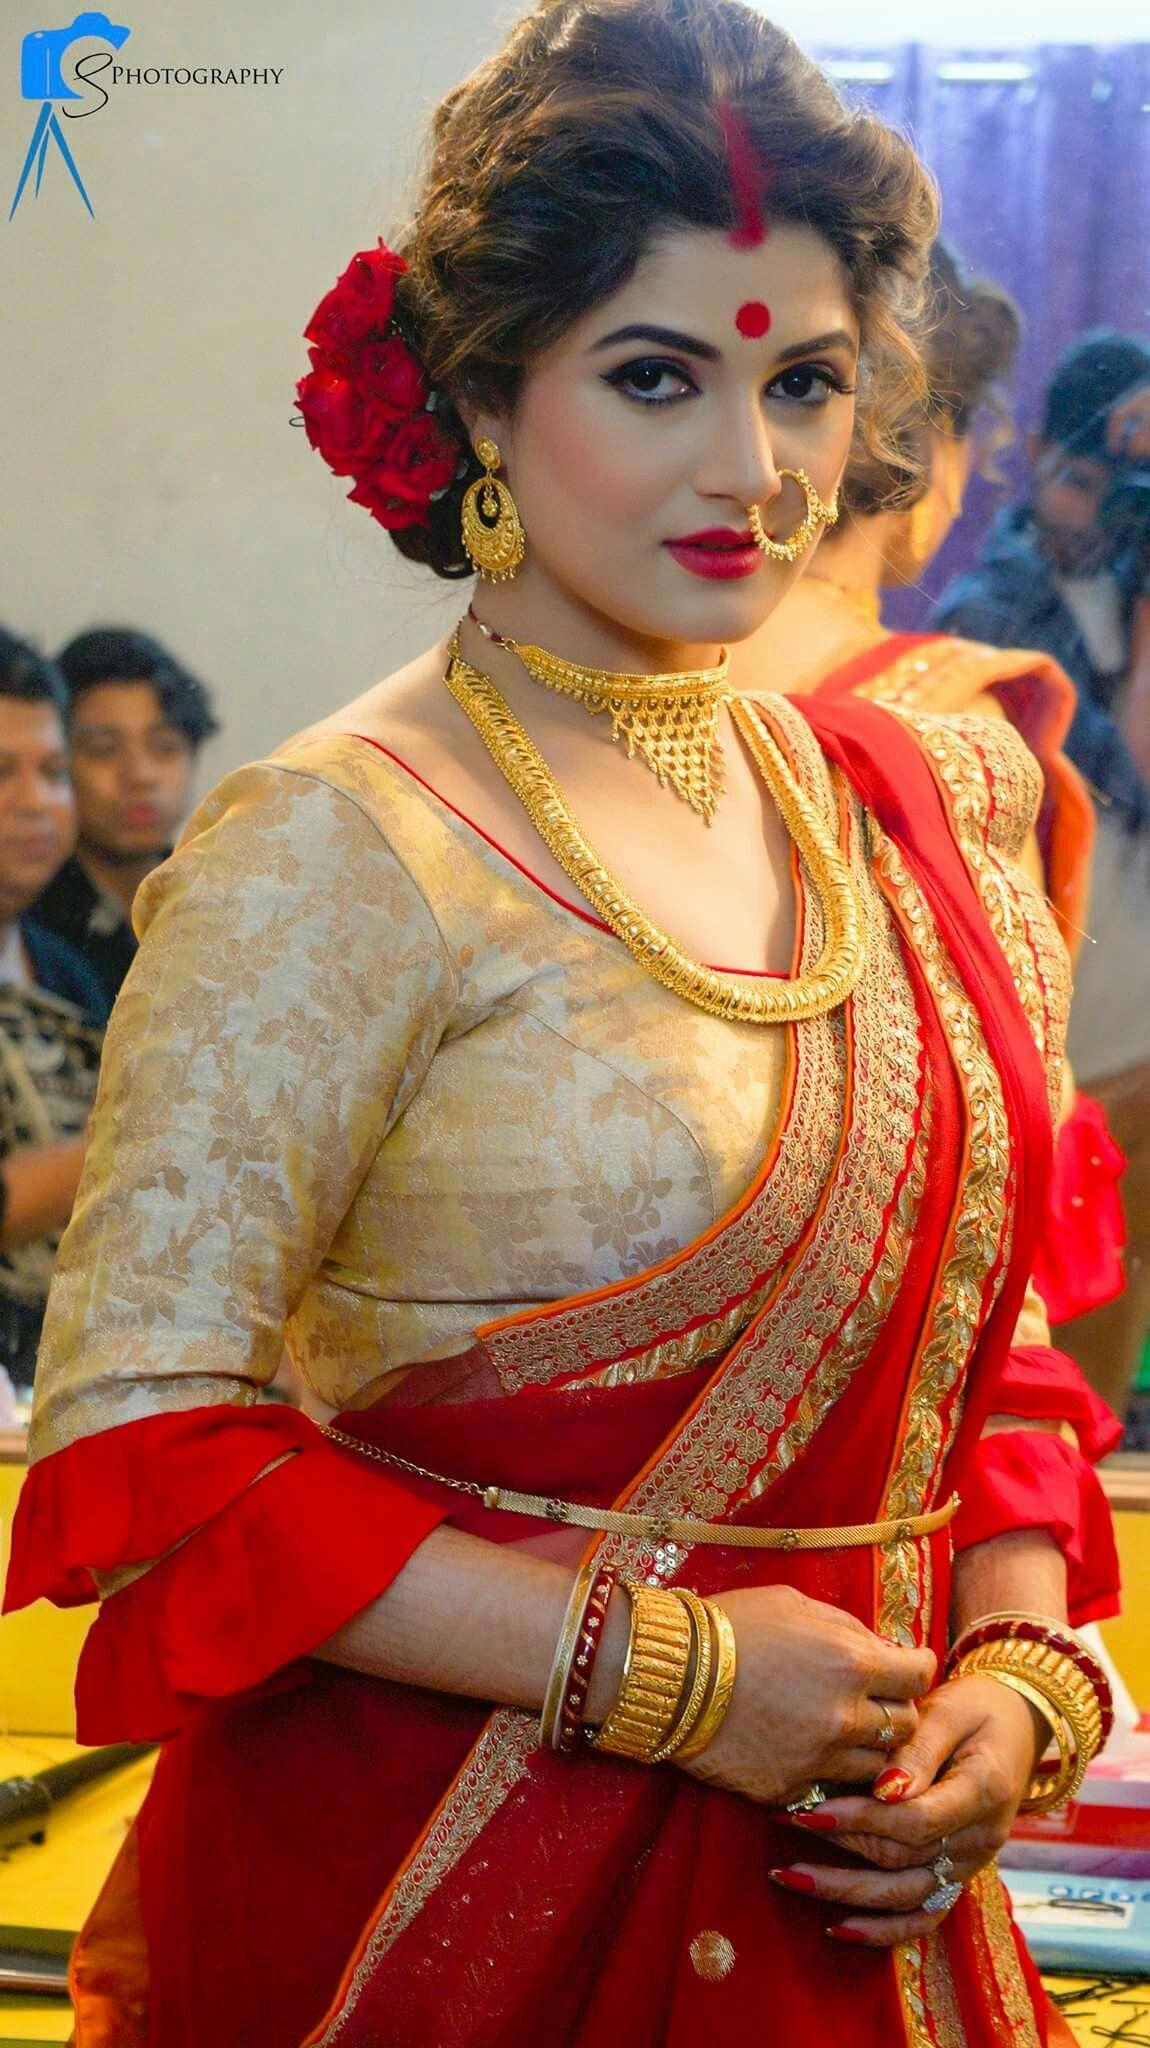 South Indian Wedding Saree and Jewellery: South Indian Saree ...